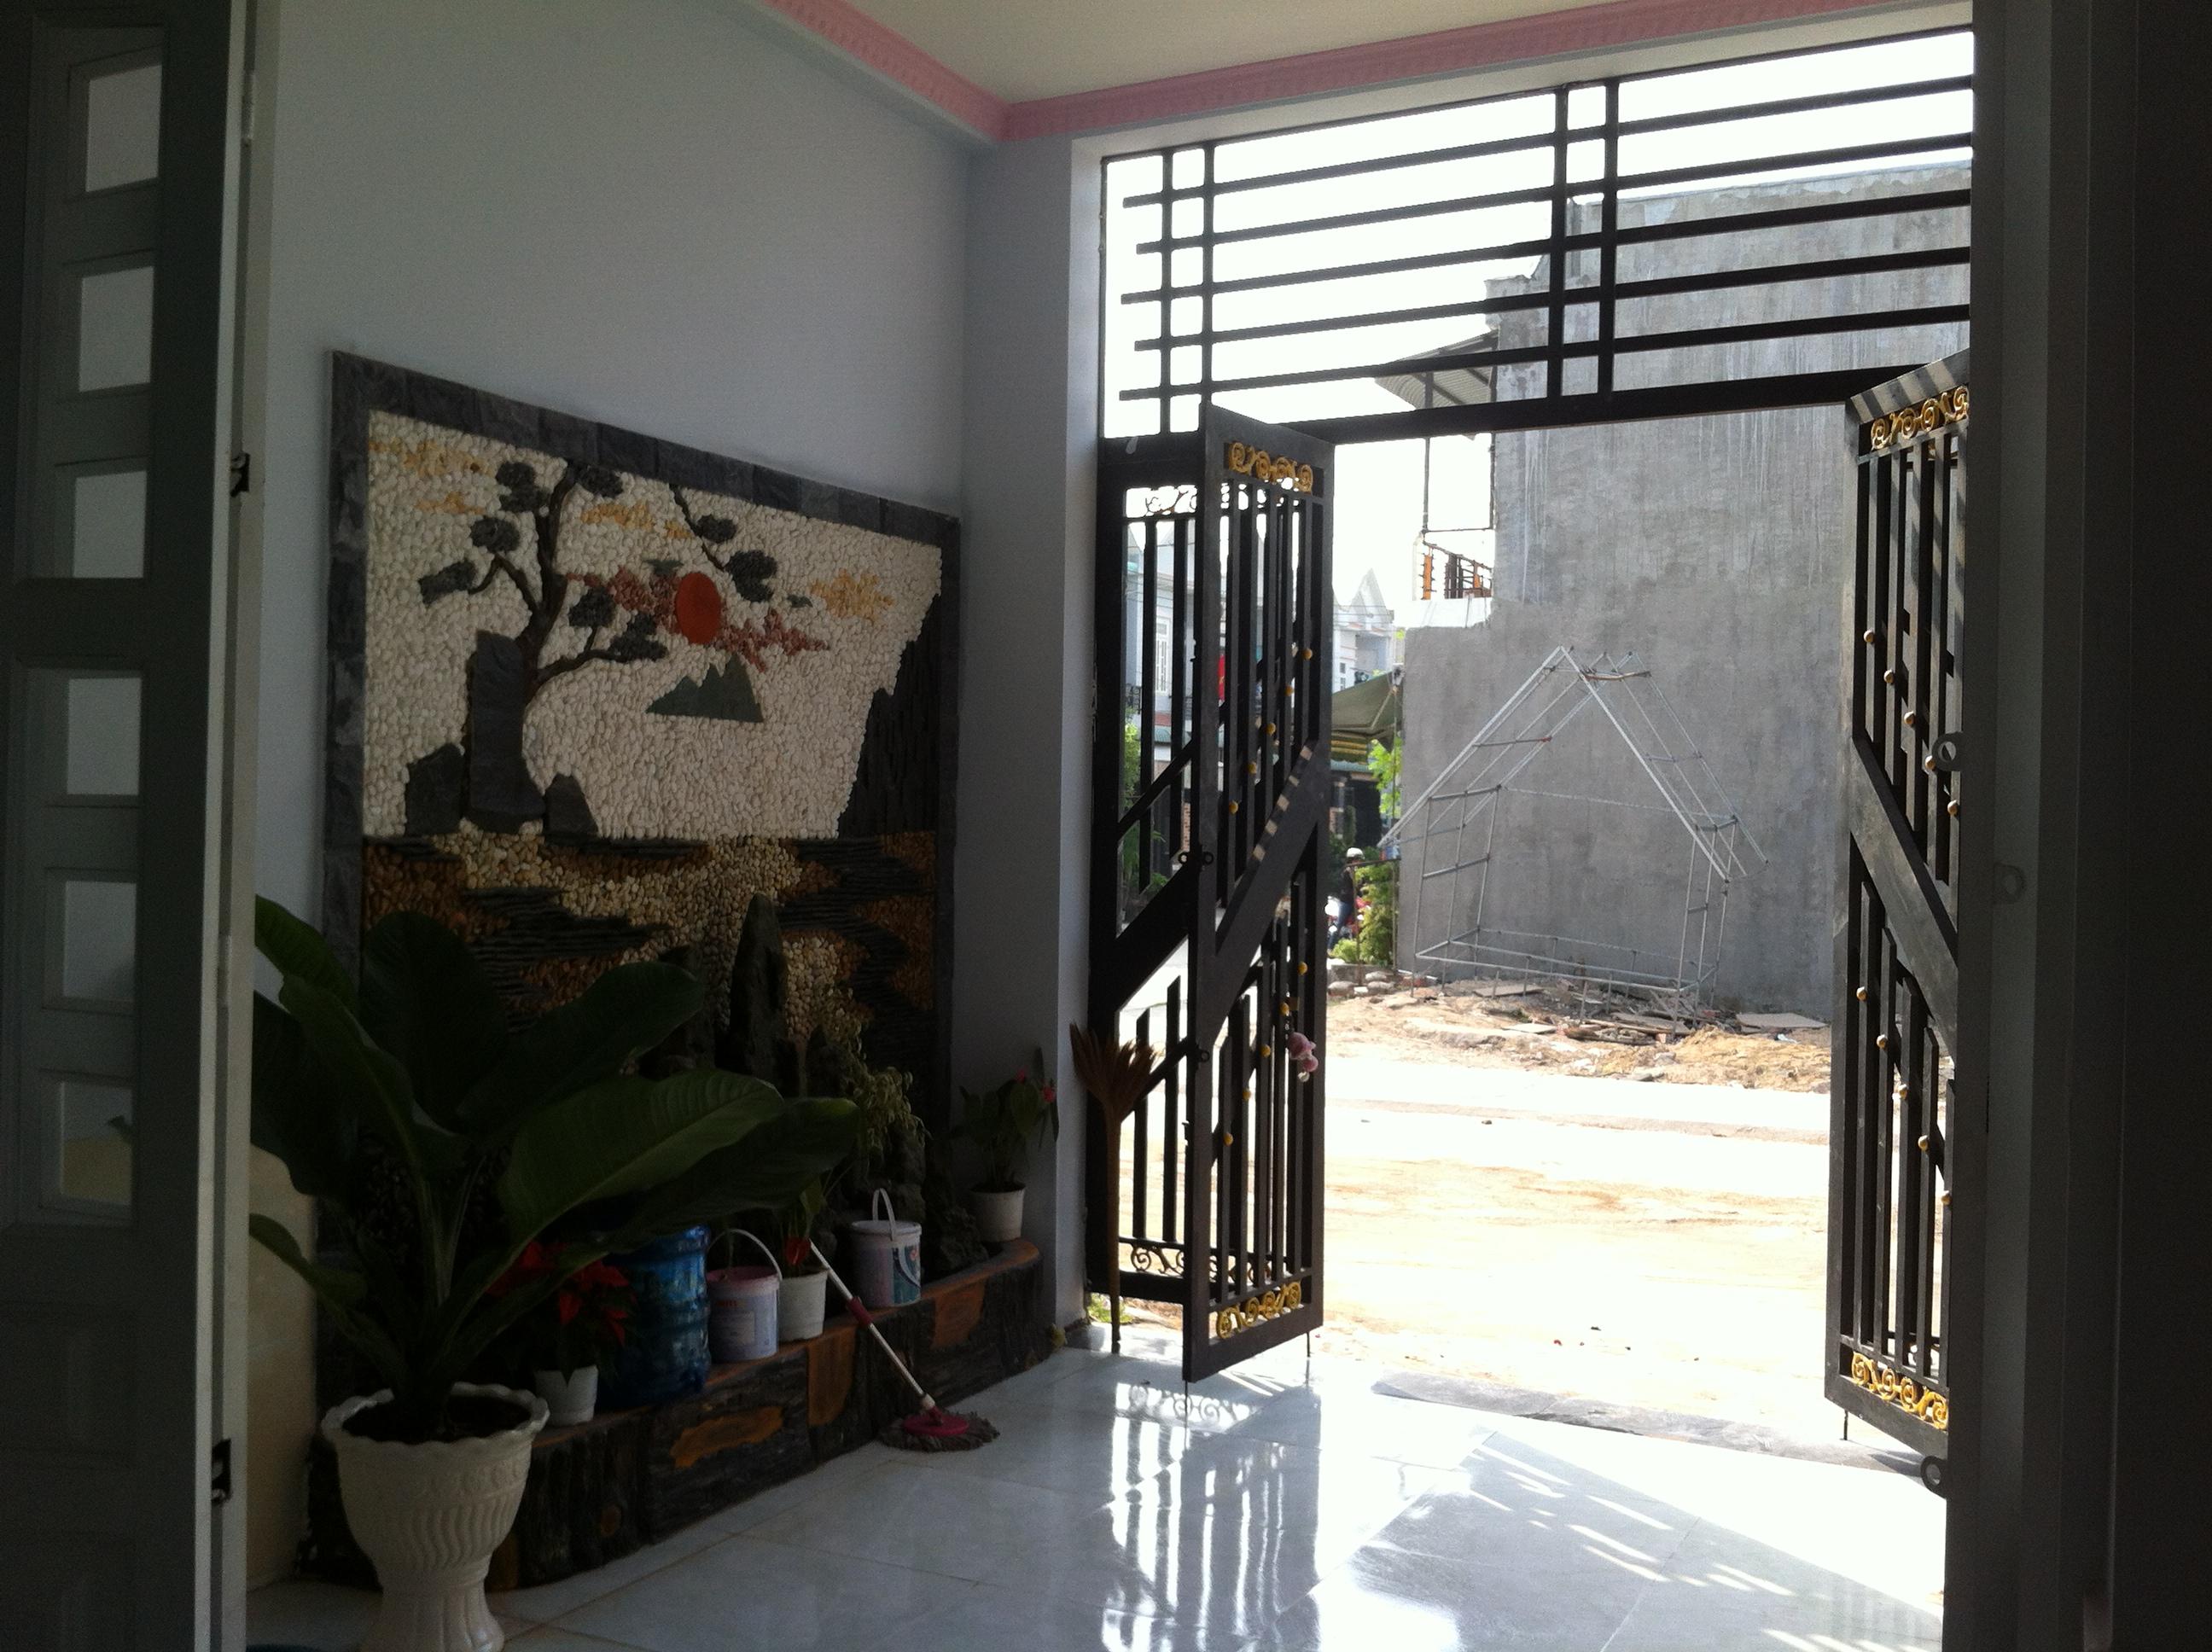 không gian Nhà cần bán nằm ngay cổng sau KCN Visip , KCN Vietnam singapore. KCN sóng thần 1,2 thị xã dĩ an